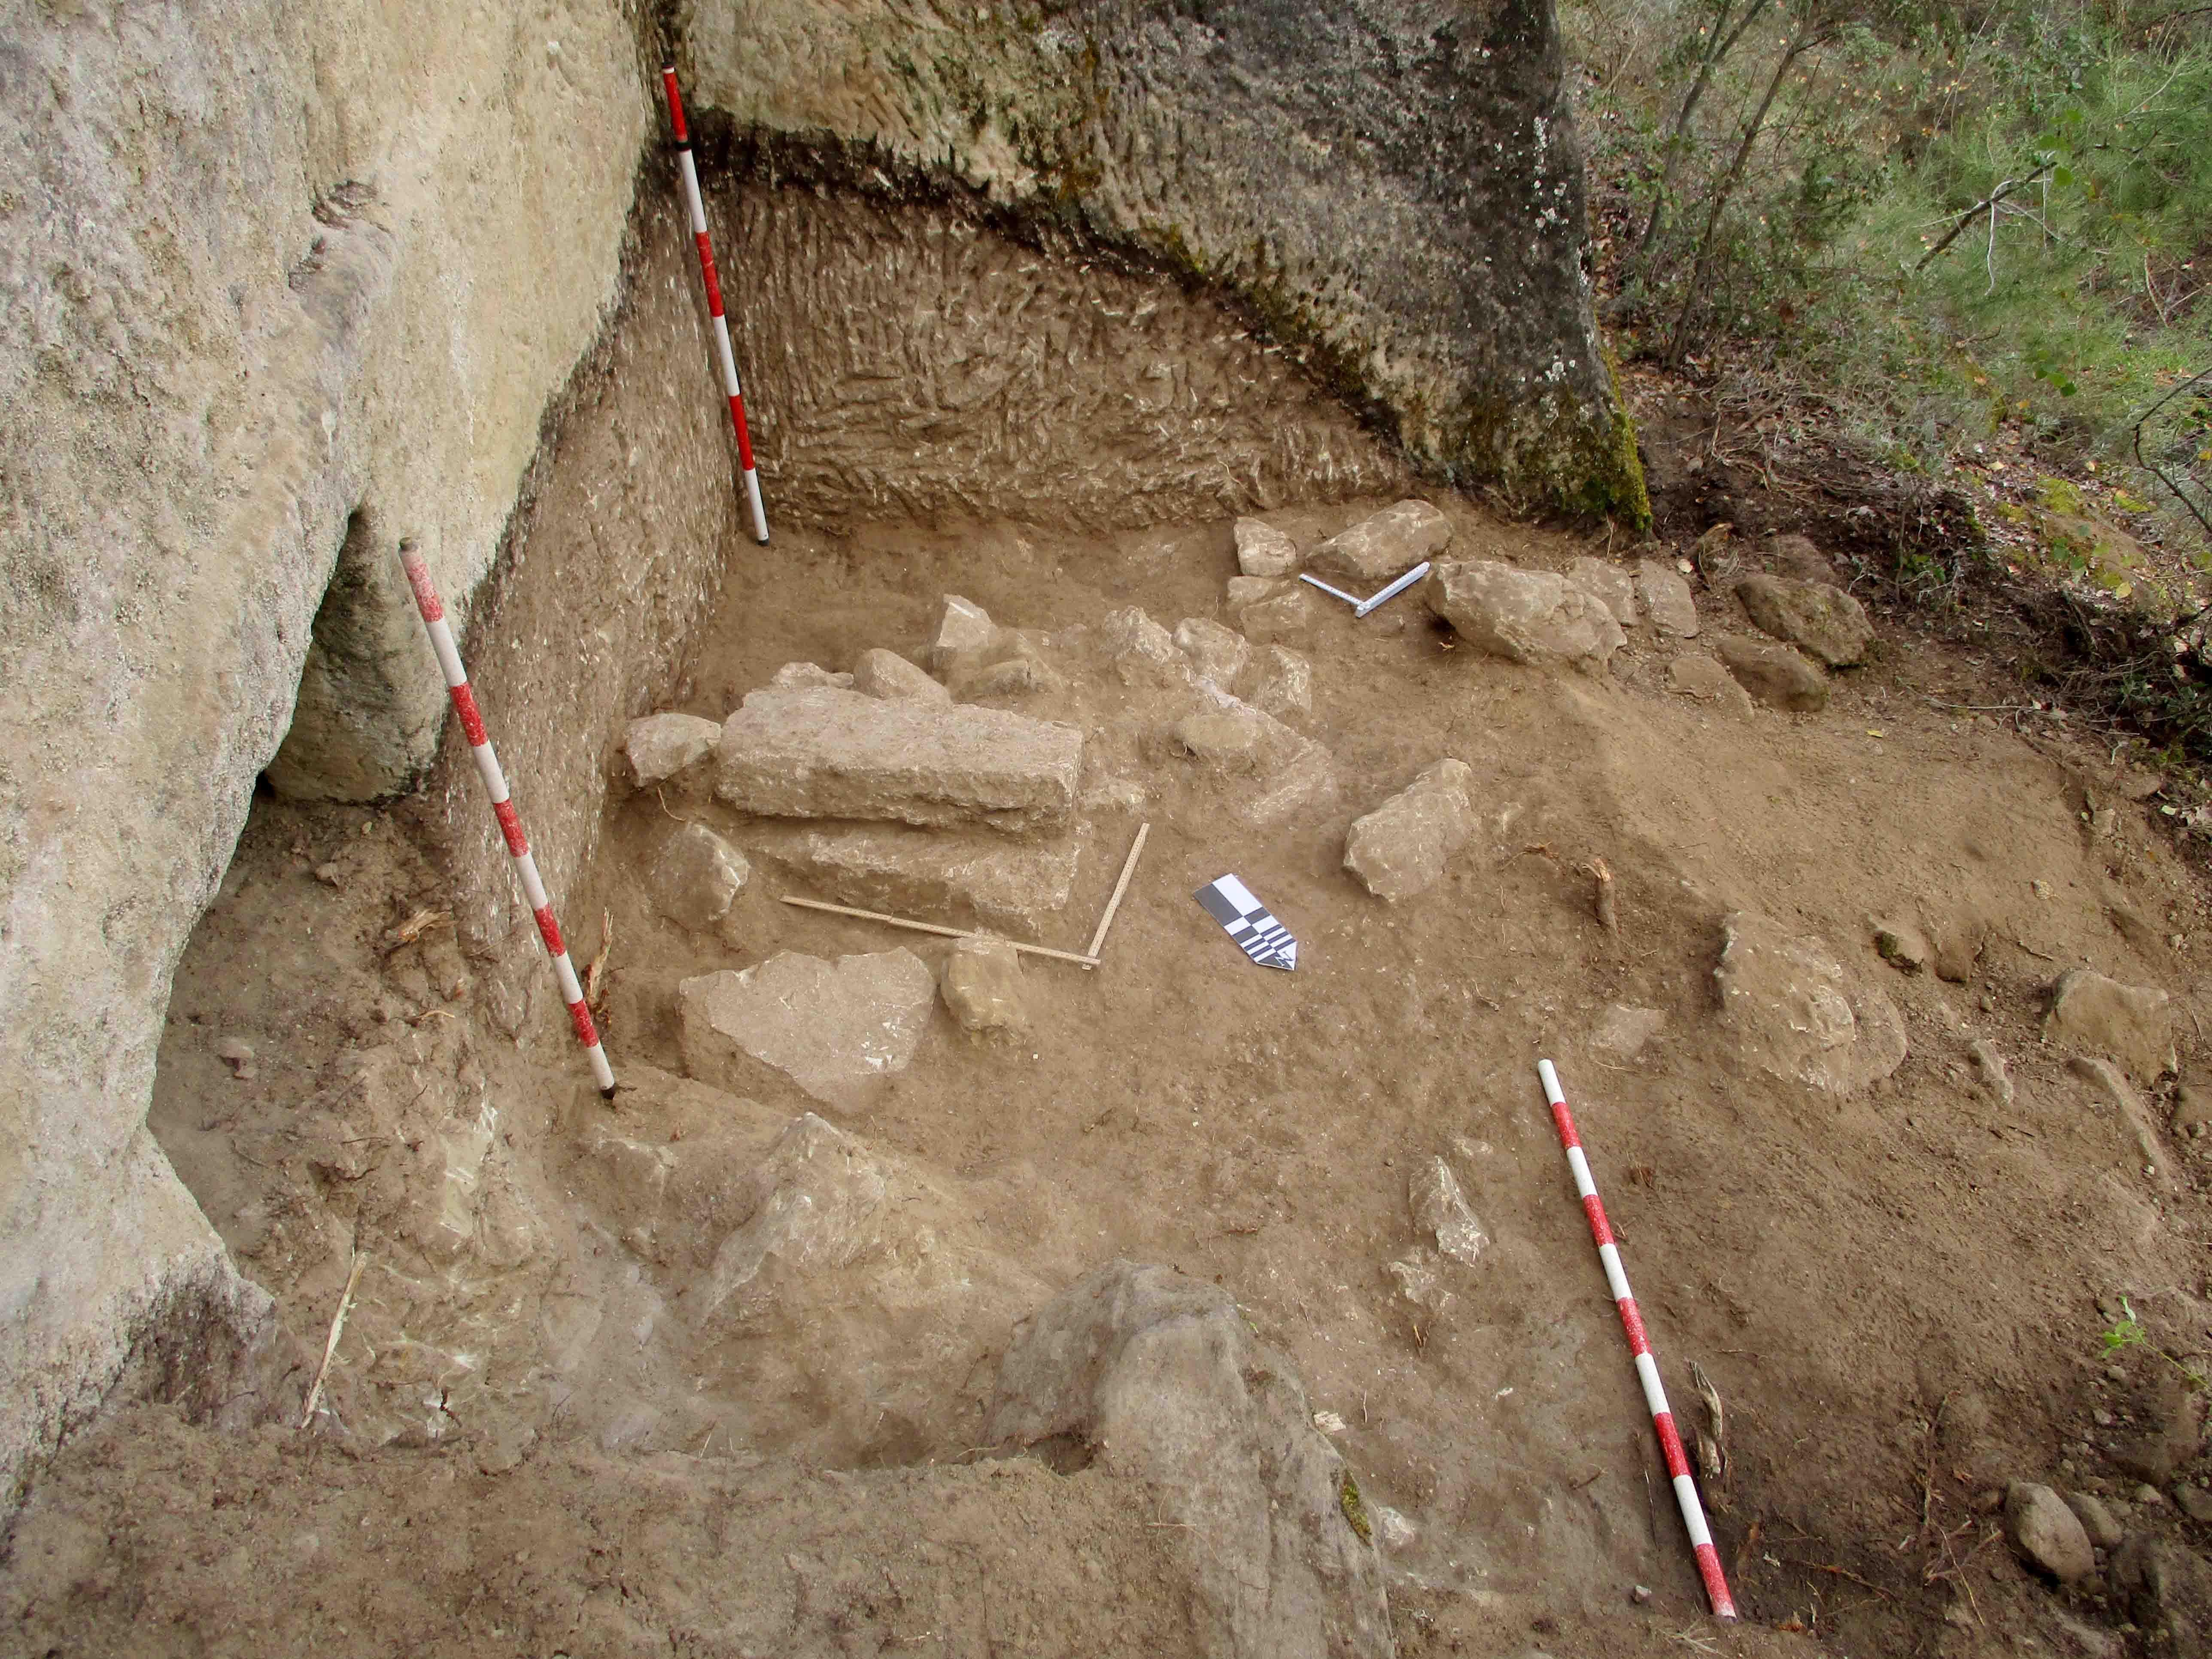 Gabinete de Proyectos Arqueológicos SL